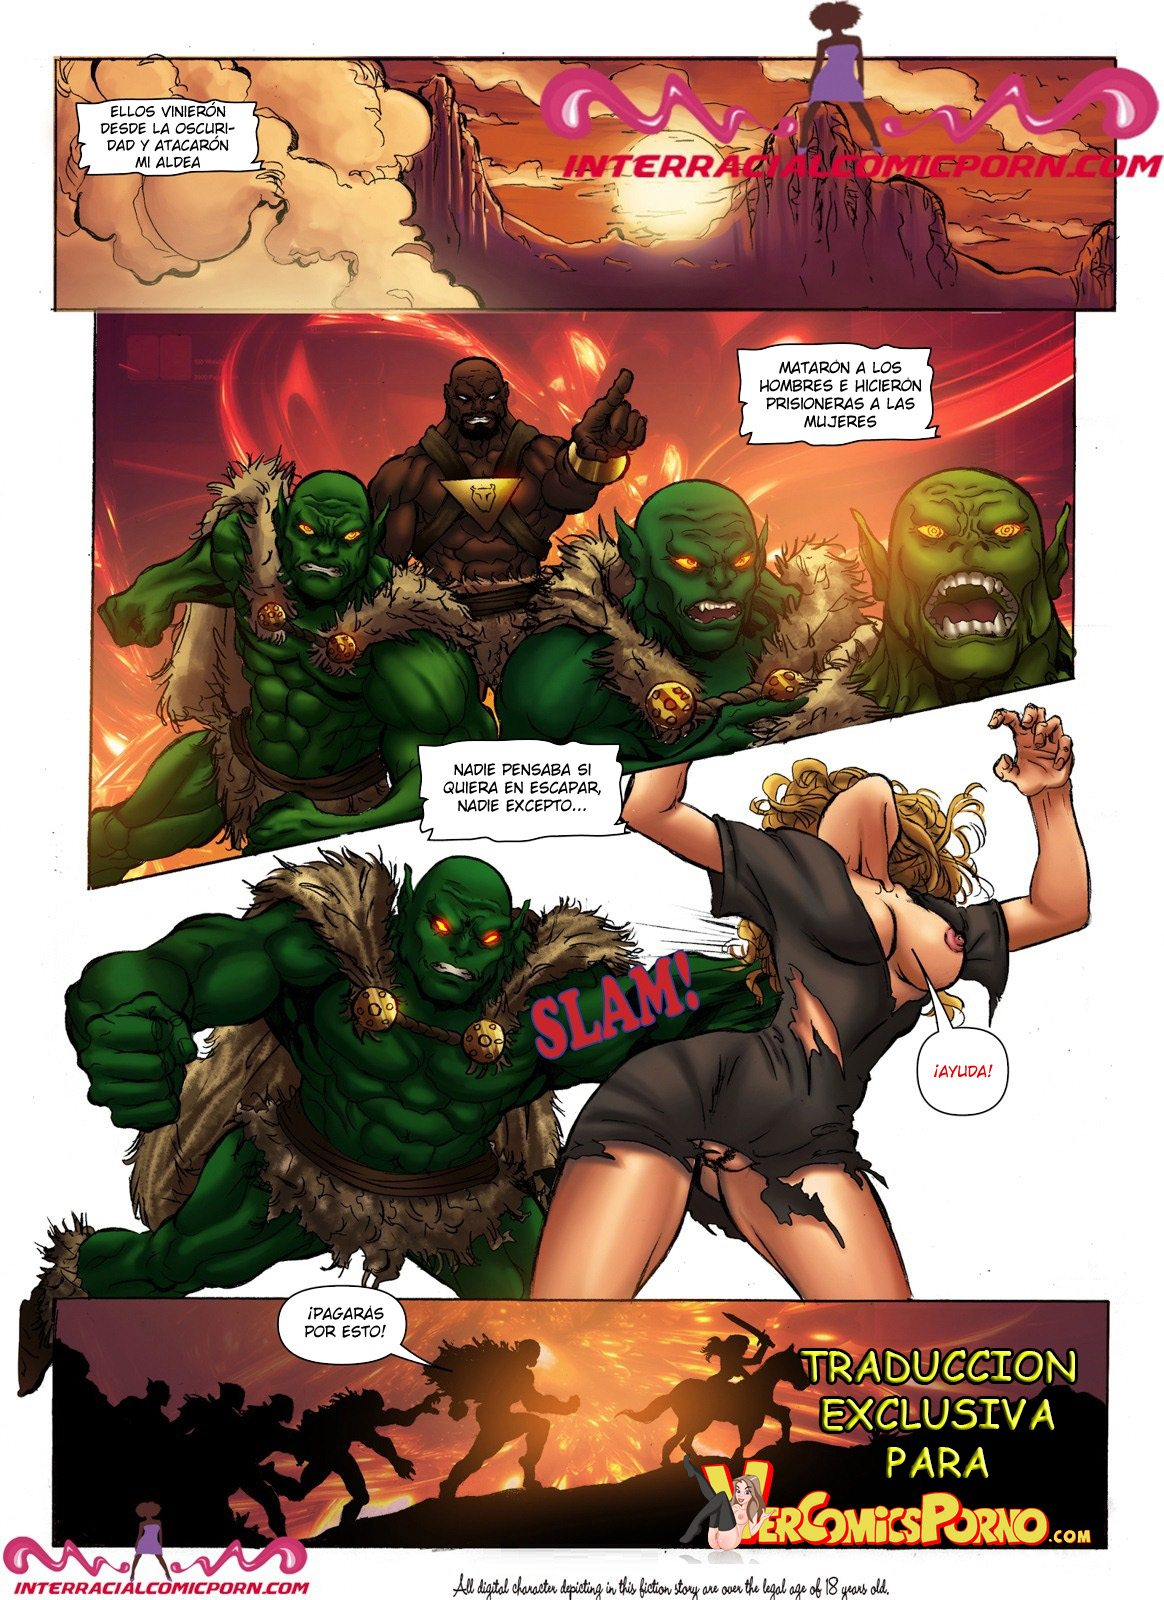 the-warrior-traduccion-exclusiva 1